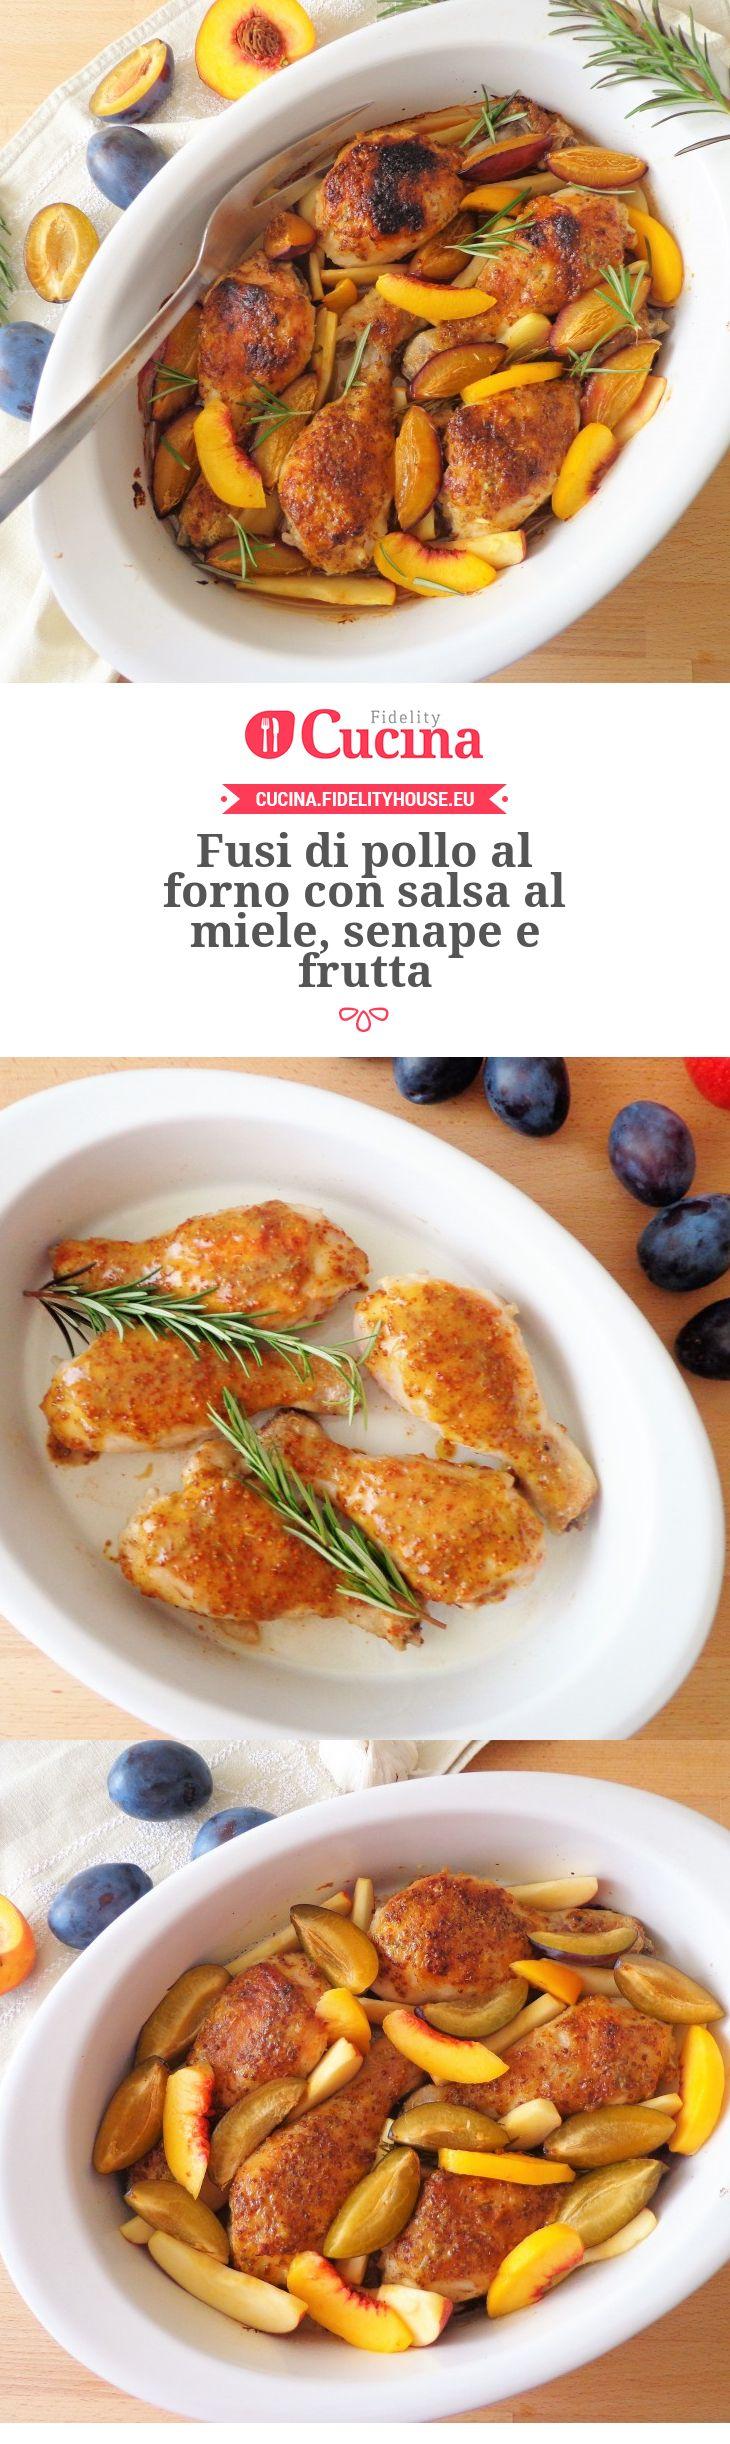 Fusi di #pollo al forno con salsa al #miele, #senape e #frutta della nostra utente Magdalena. Unisciti alla nostra Community ed invia le tue ricette!